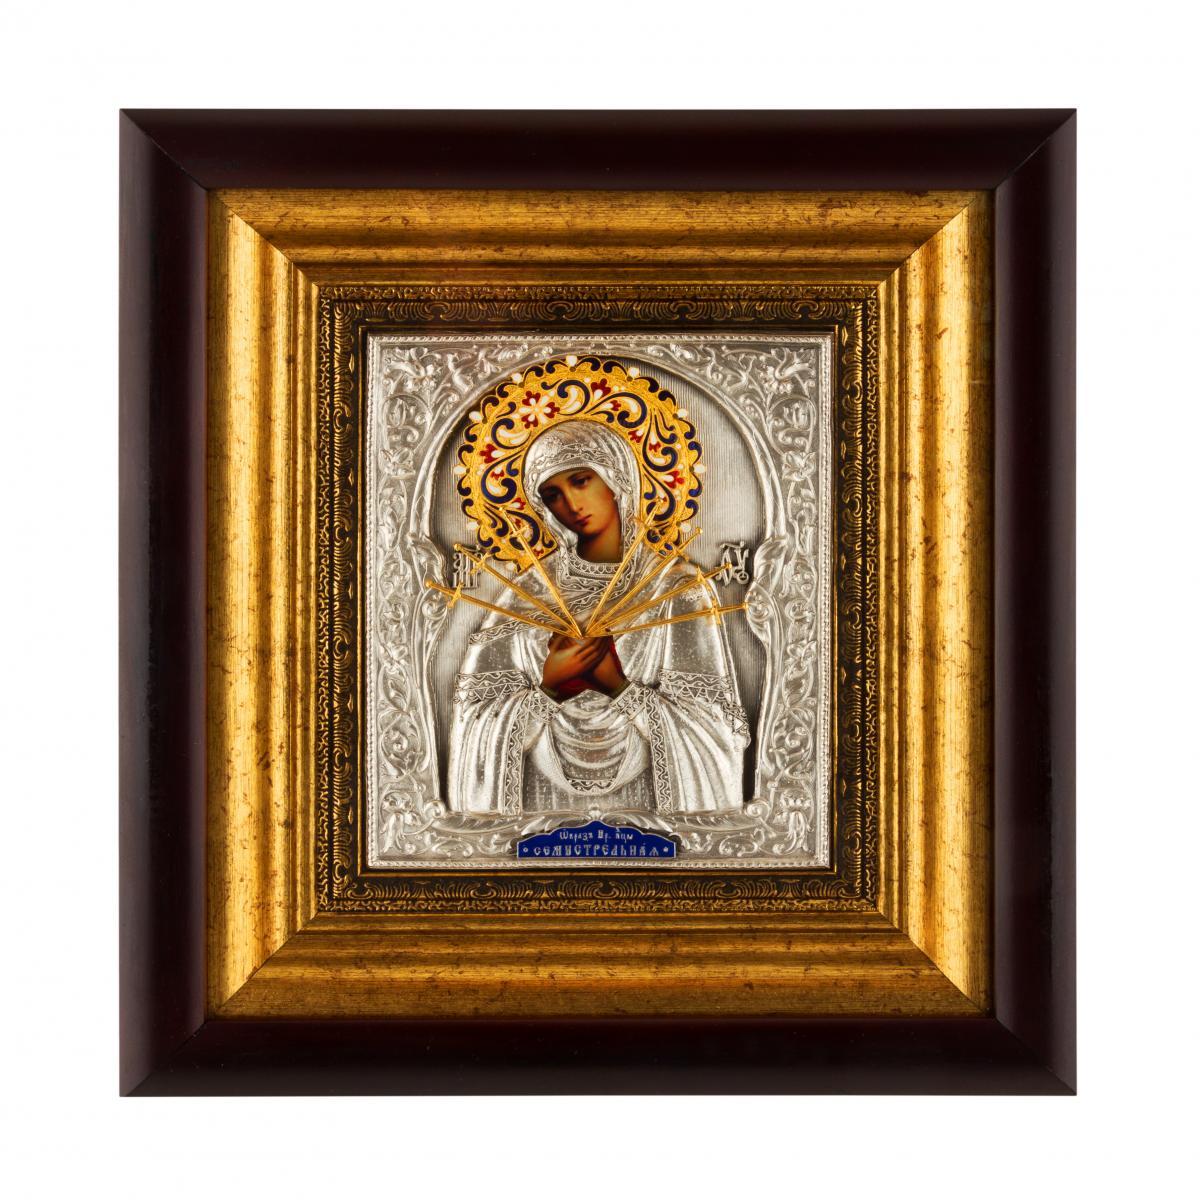 Семистрільна ікона Божої Матері. Фото №1. | Народний дім Україна